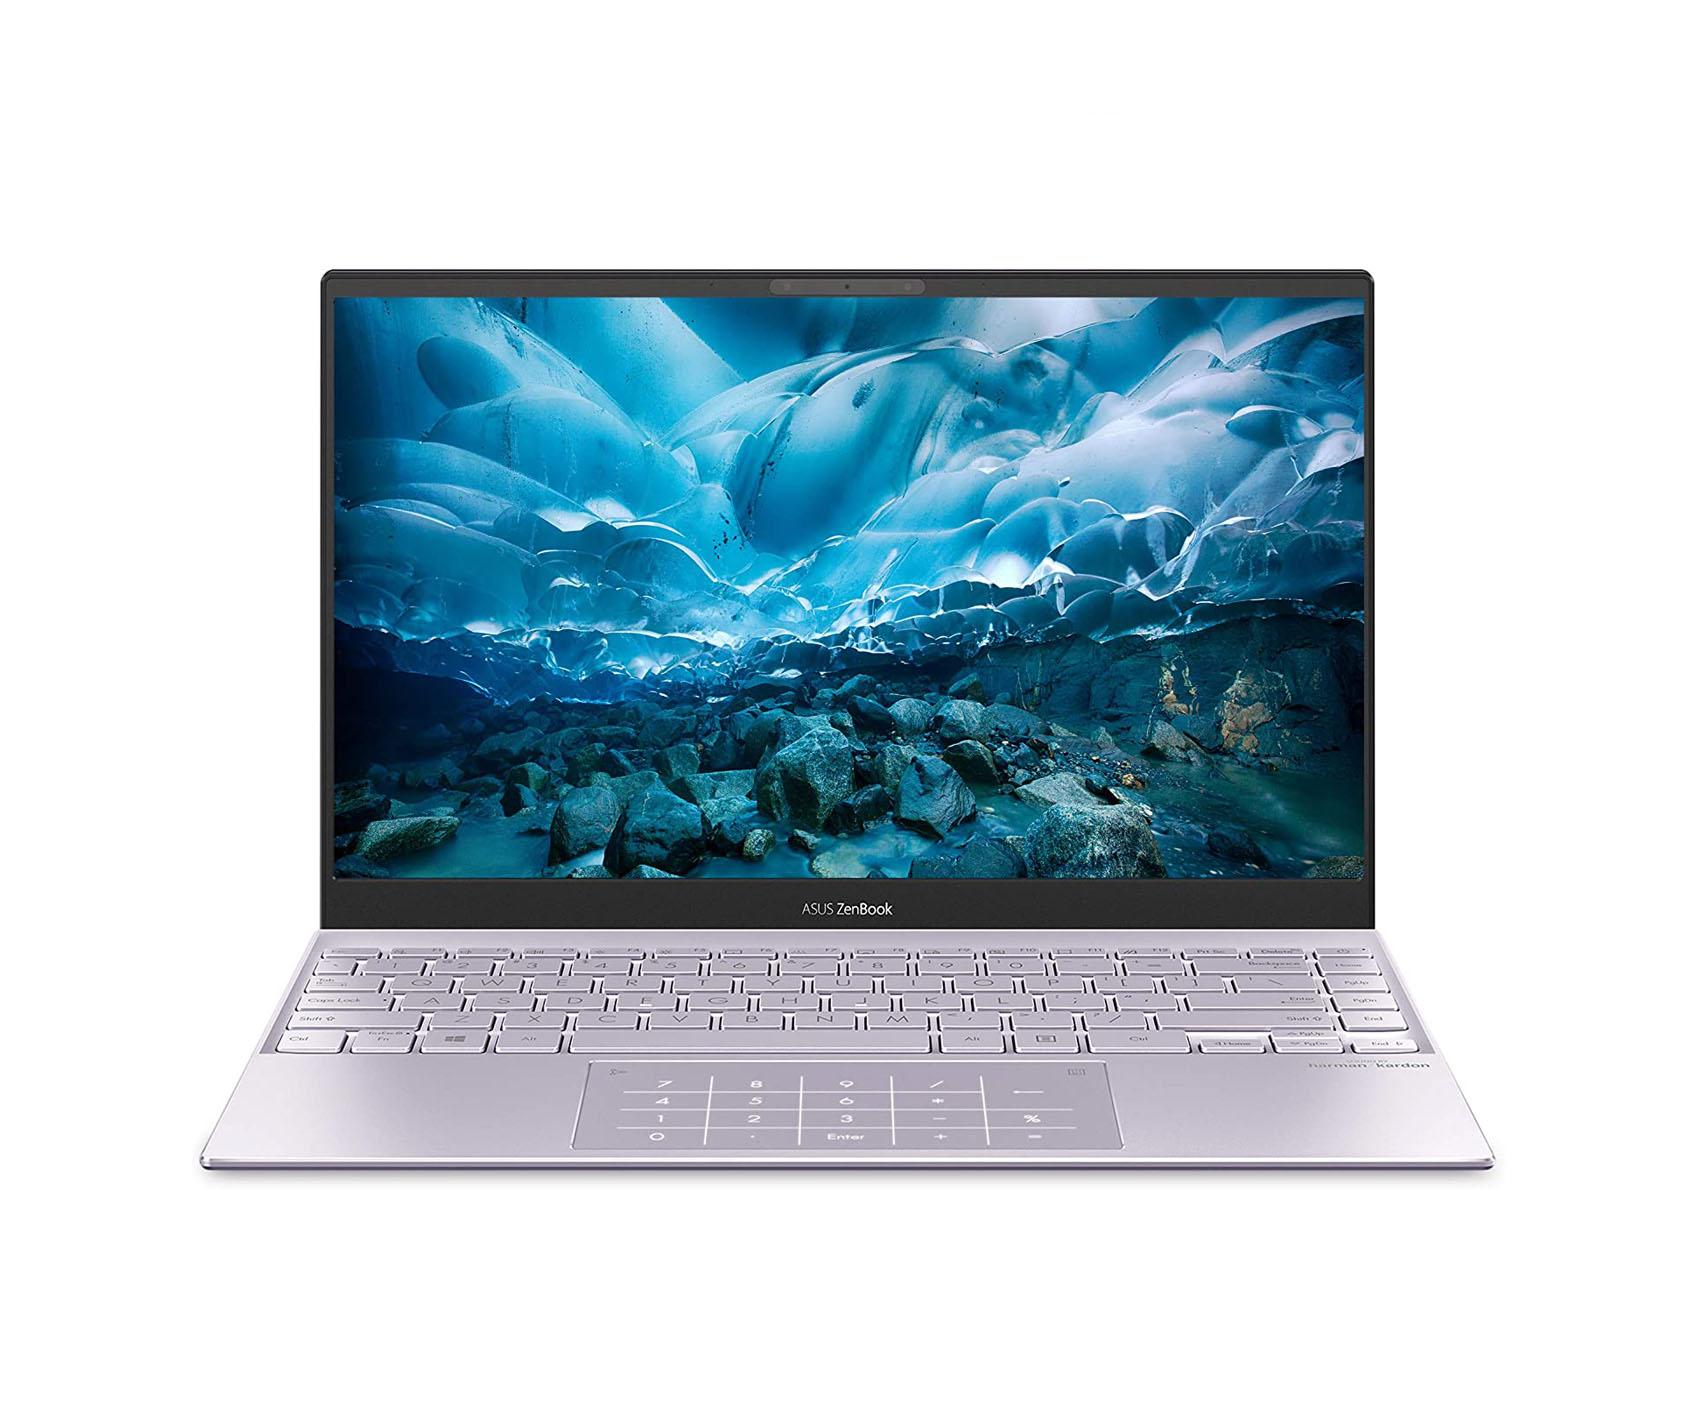 """ASUS ZenBook 13 Ultra-Slim Laptop 13.3""""  Intel  i5-1035G1 8GB RAM 256GB SSD Lilac Mist"""